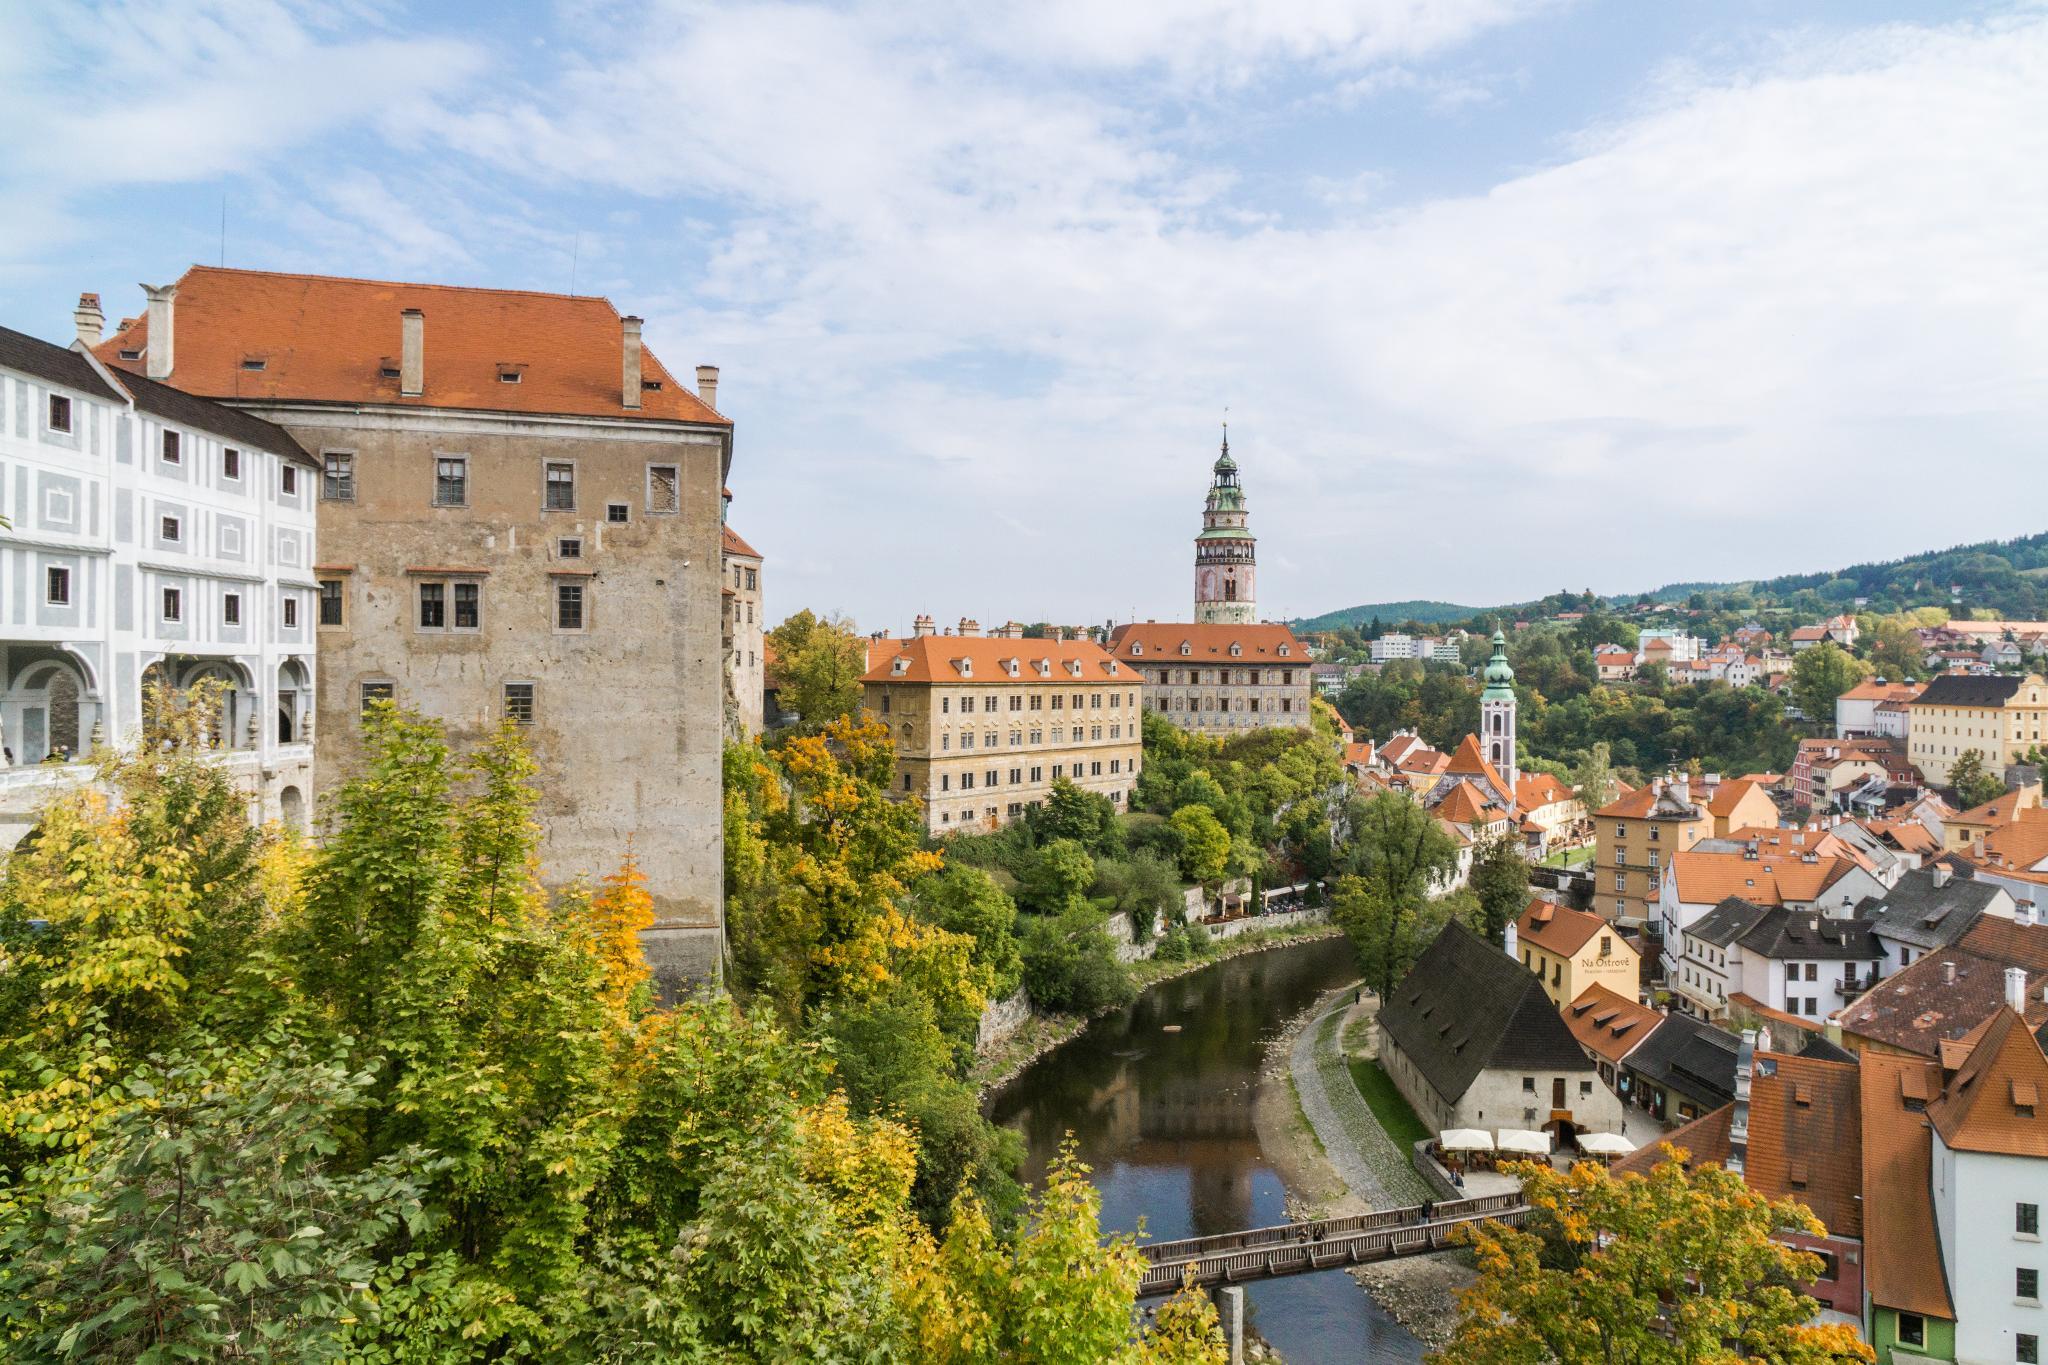 【捷克】穿越時空的波希米亞狂想曲 — Český Krumlov Castle 庫倫諾夫城堡 1